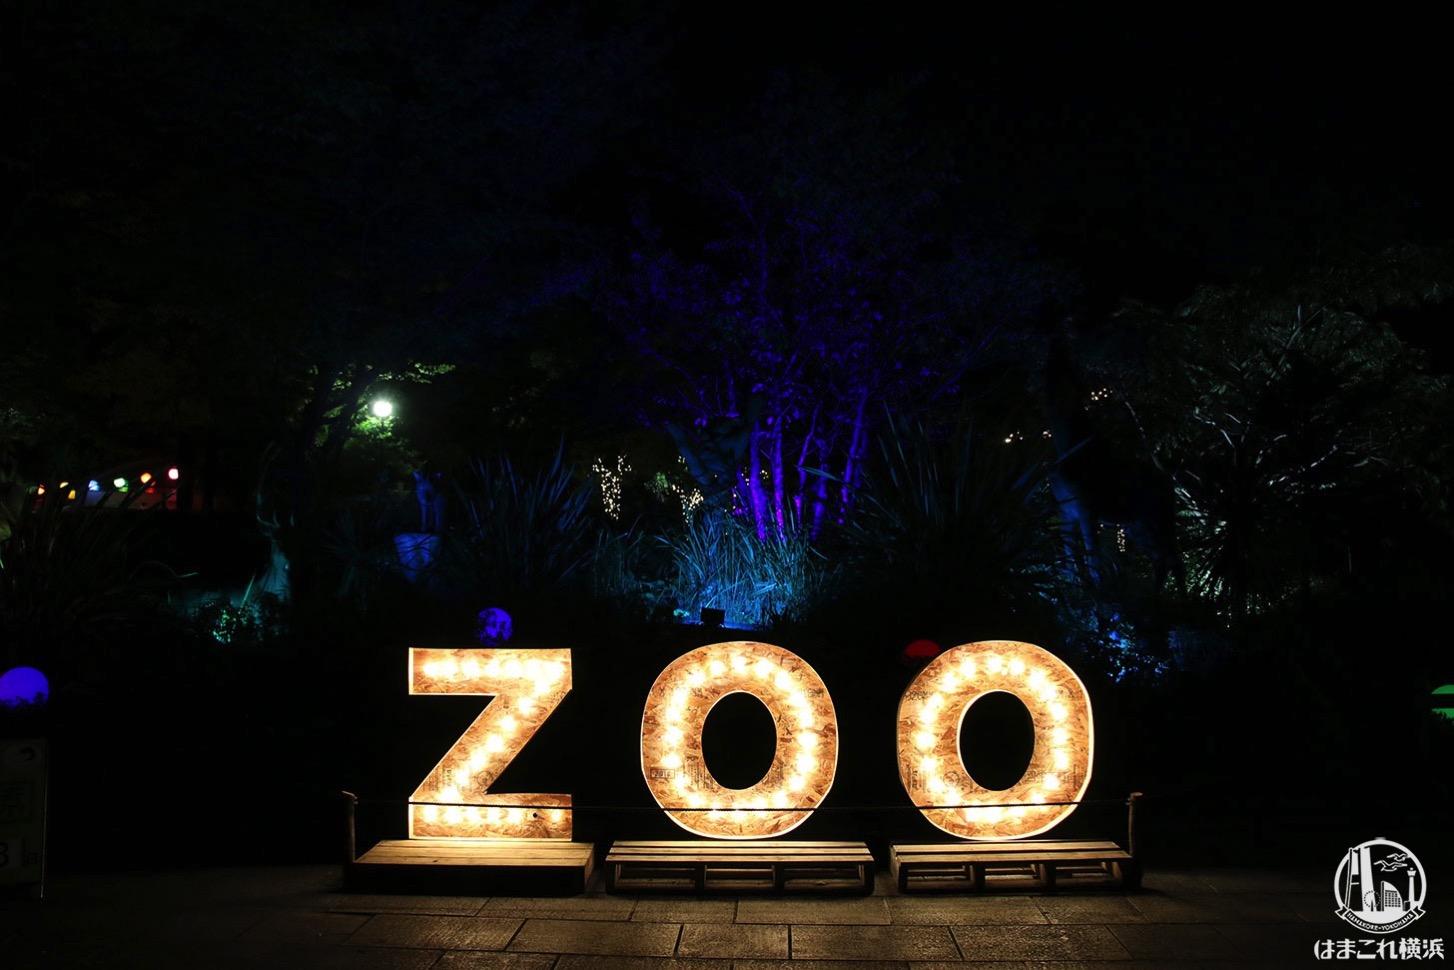 金沢動物園 ナイトズー